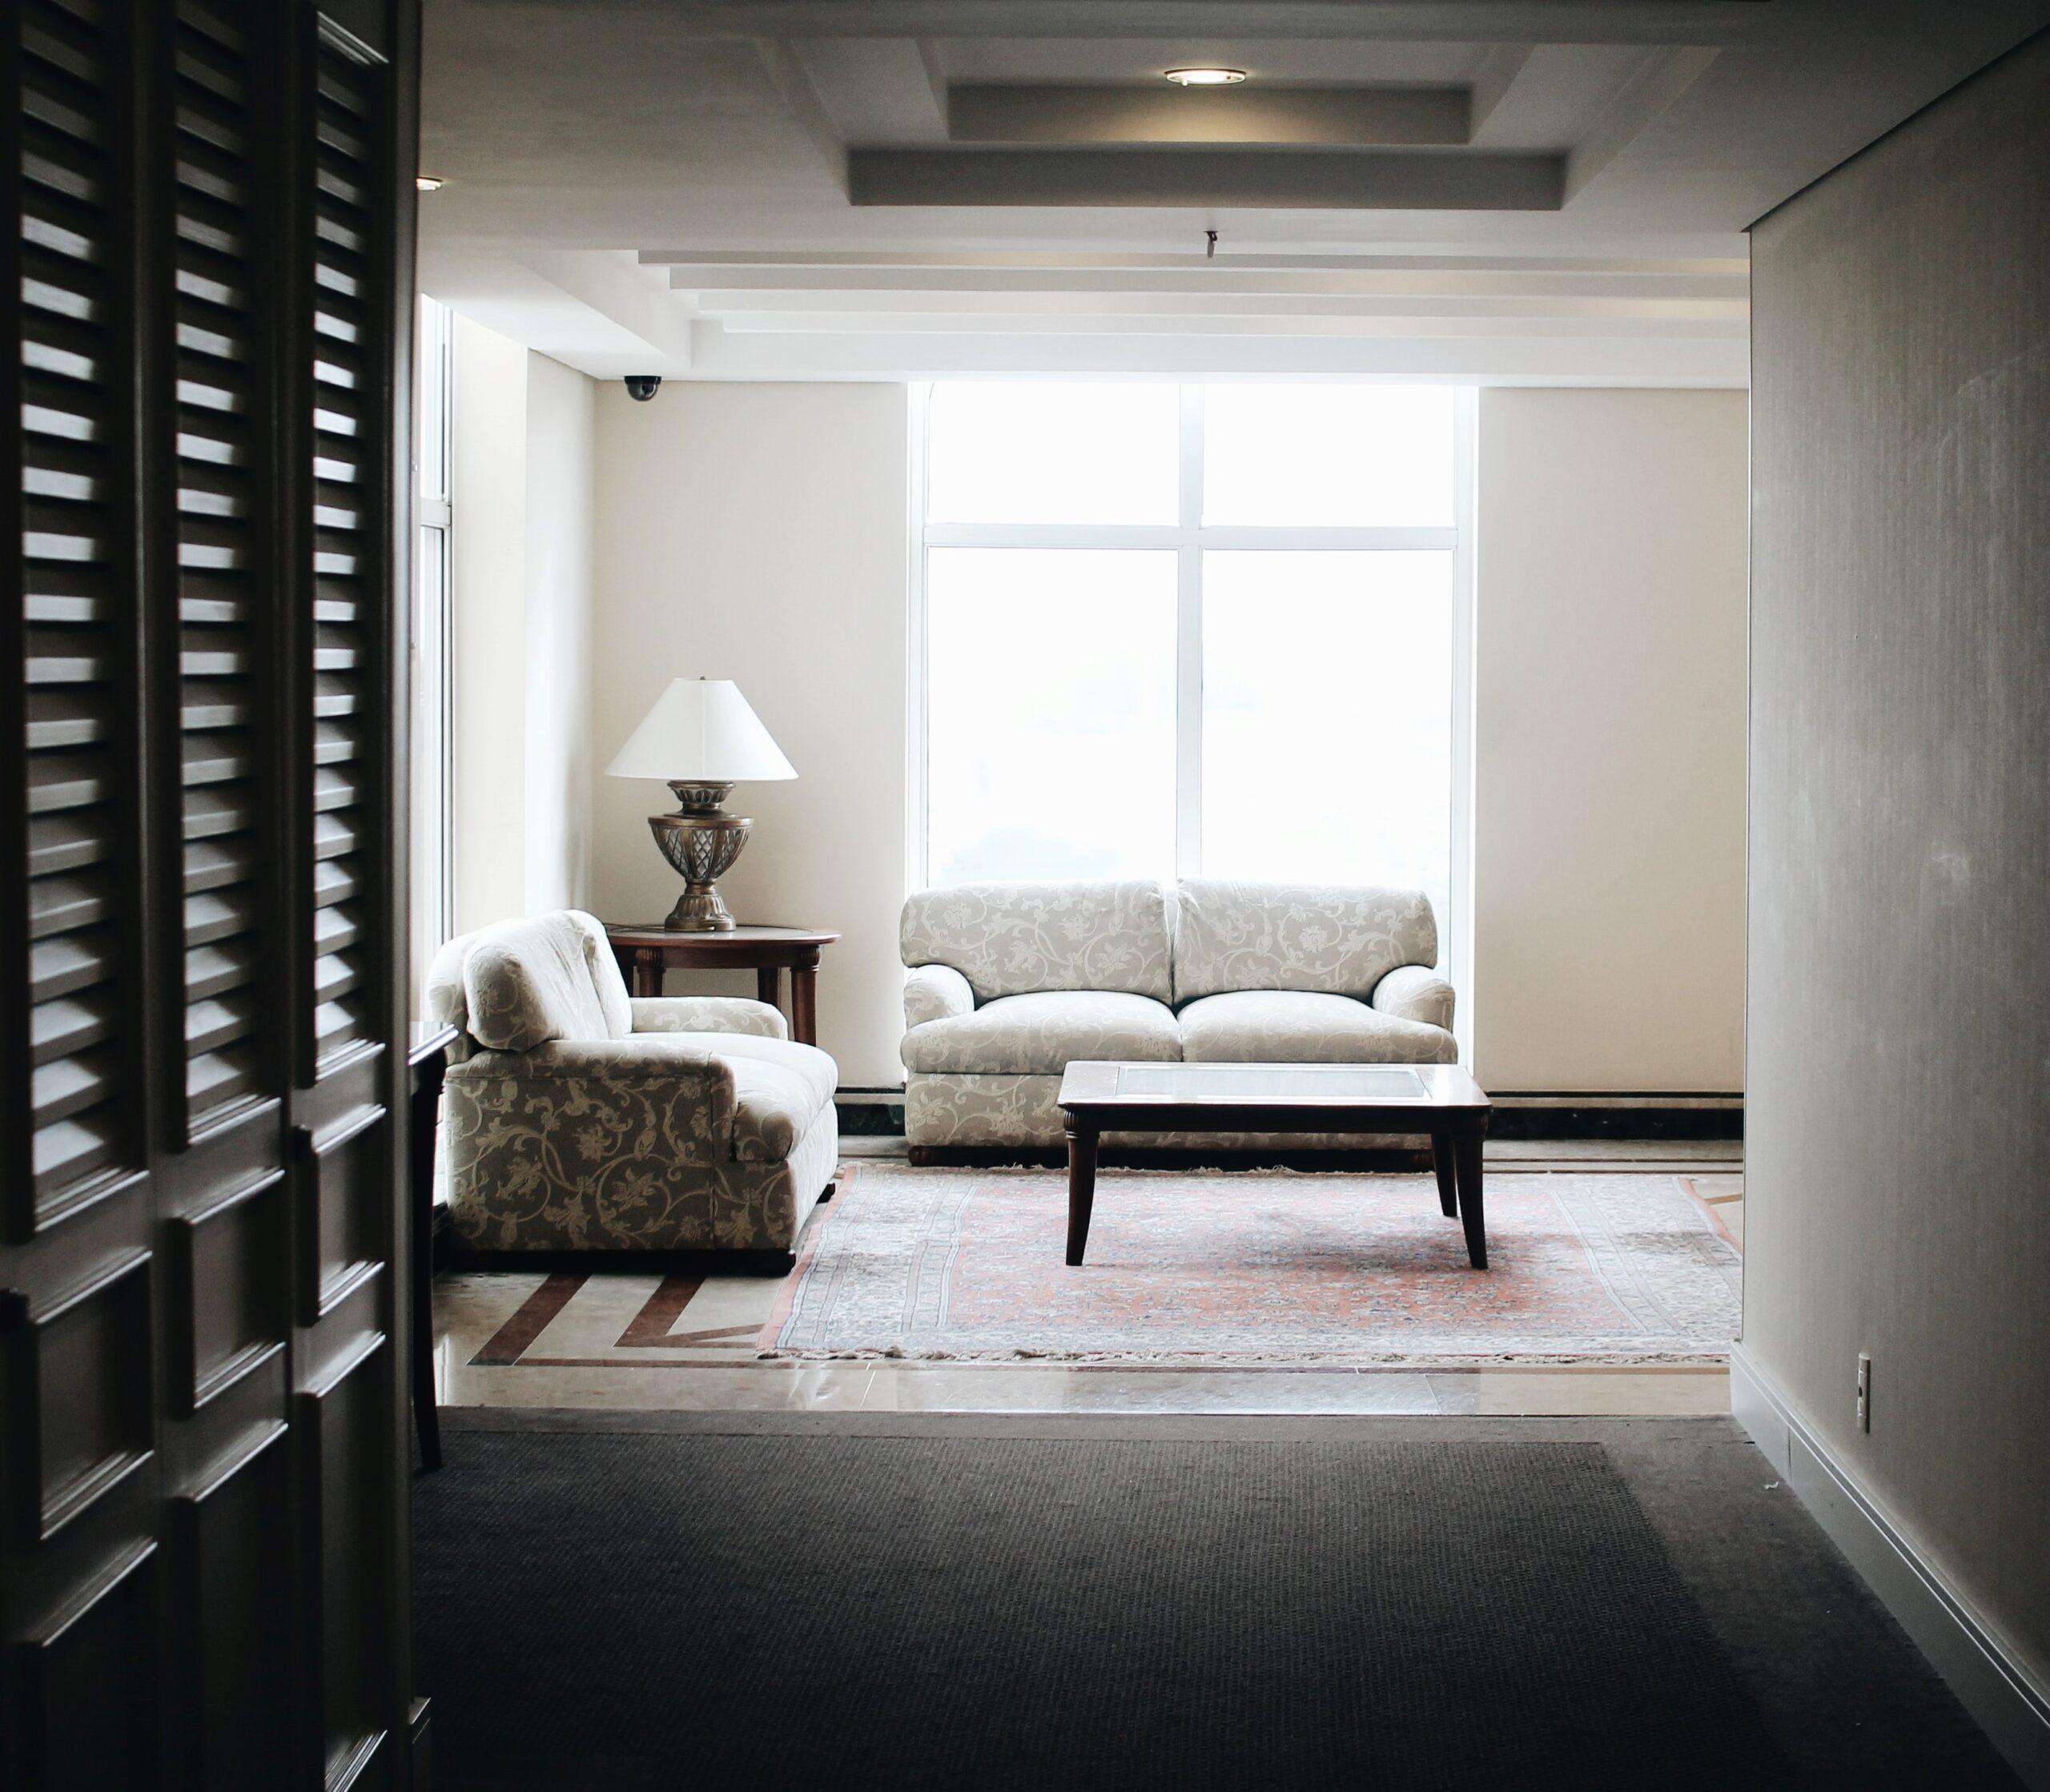 Ein Foto mit Blick auf einen Raum, in welchem sich eine vom Tageslicht beleuchtete Couchecke befindet. Diese wird ergänzt durch eine Lampe und einen kleinen Tisch.